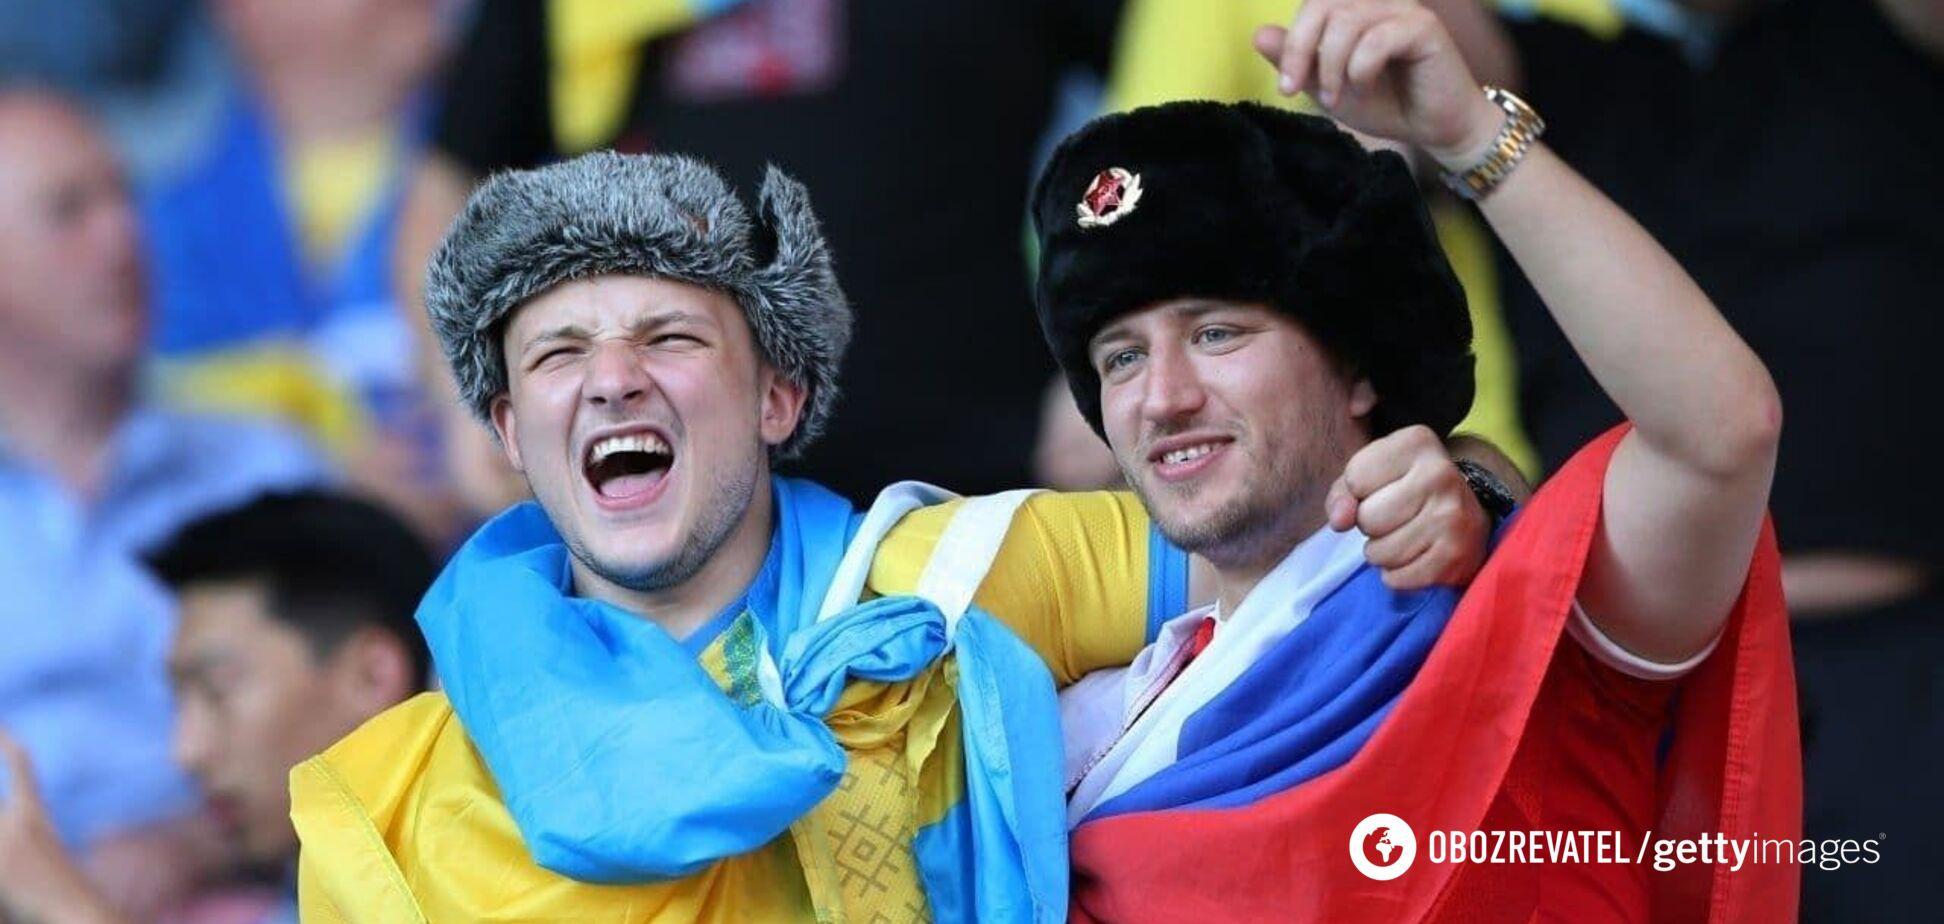 'Кого мені боятися?' Вболівальник із прапором Росії назвав Україну 'своєю країною'. Відео